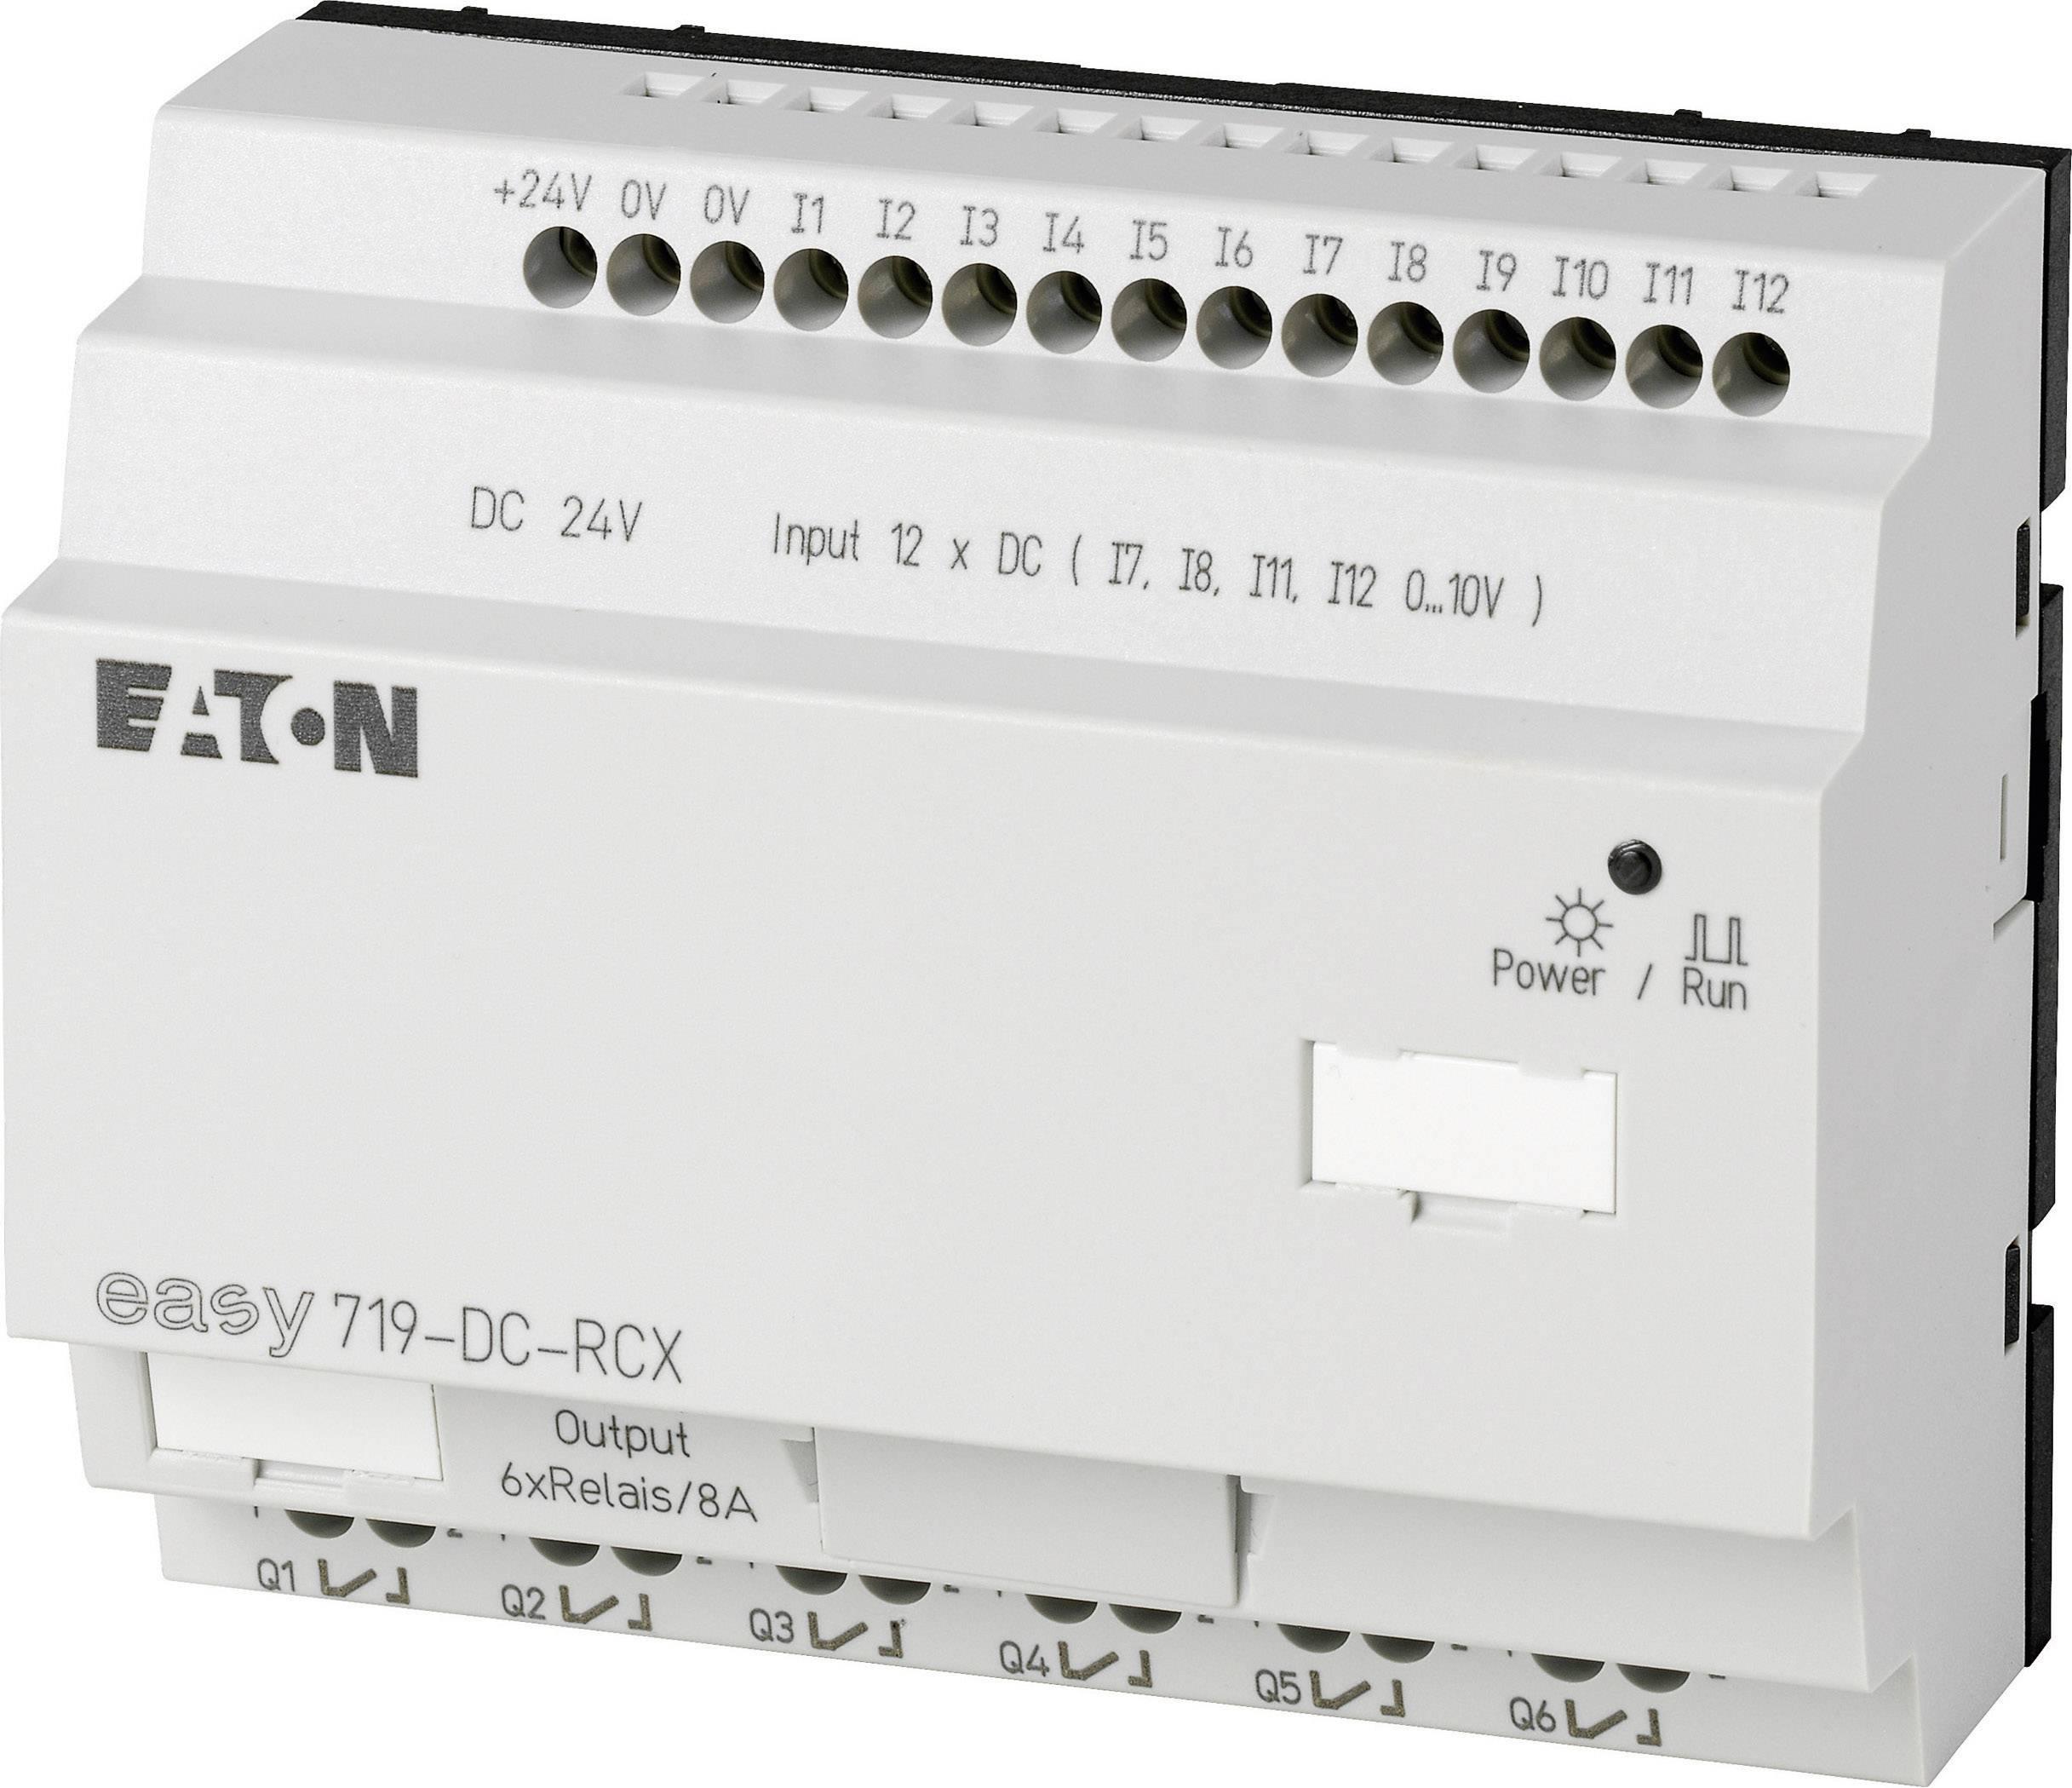 Riadiacimodul Eaton easy 719-DC-RCX 274120, 24 V/DC